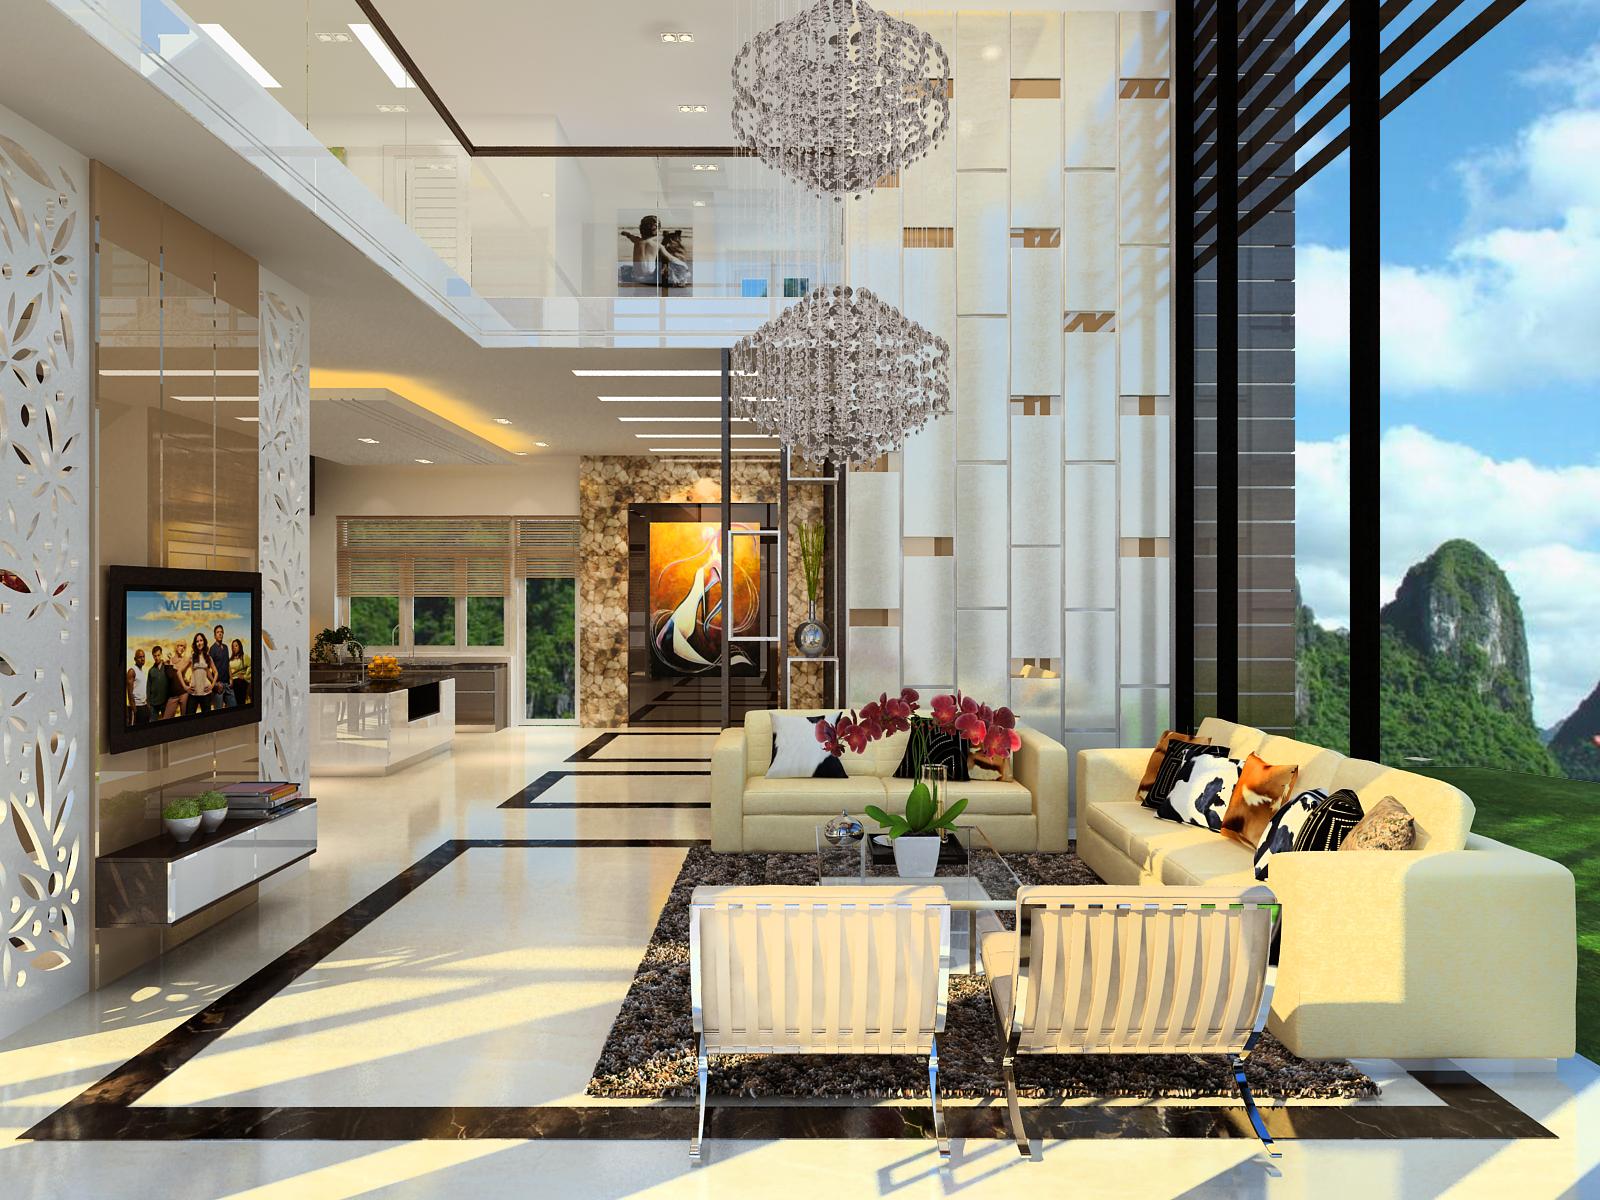 Cách hóa giải những điều cấm kỵ trong phong thủy thiết kế kiến trúc phòng khách